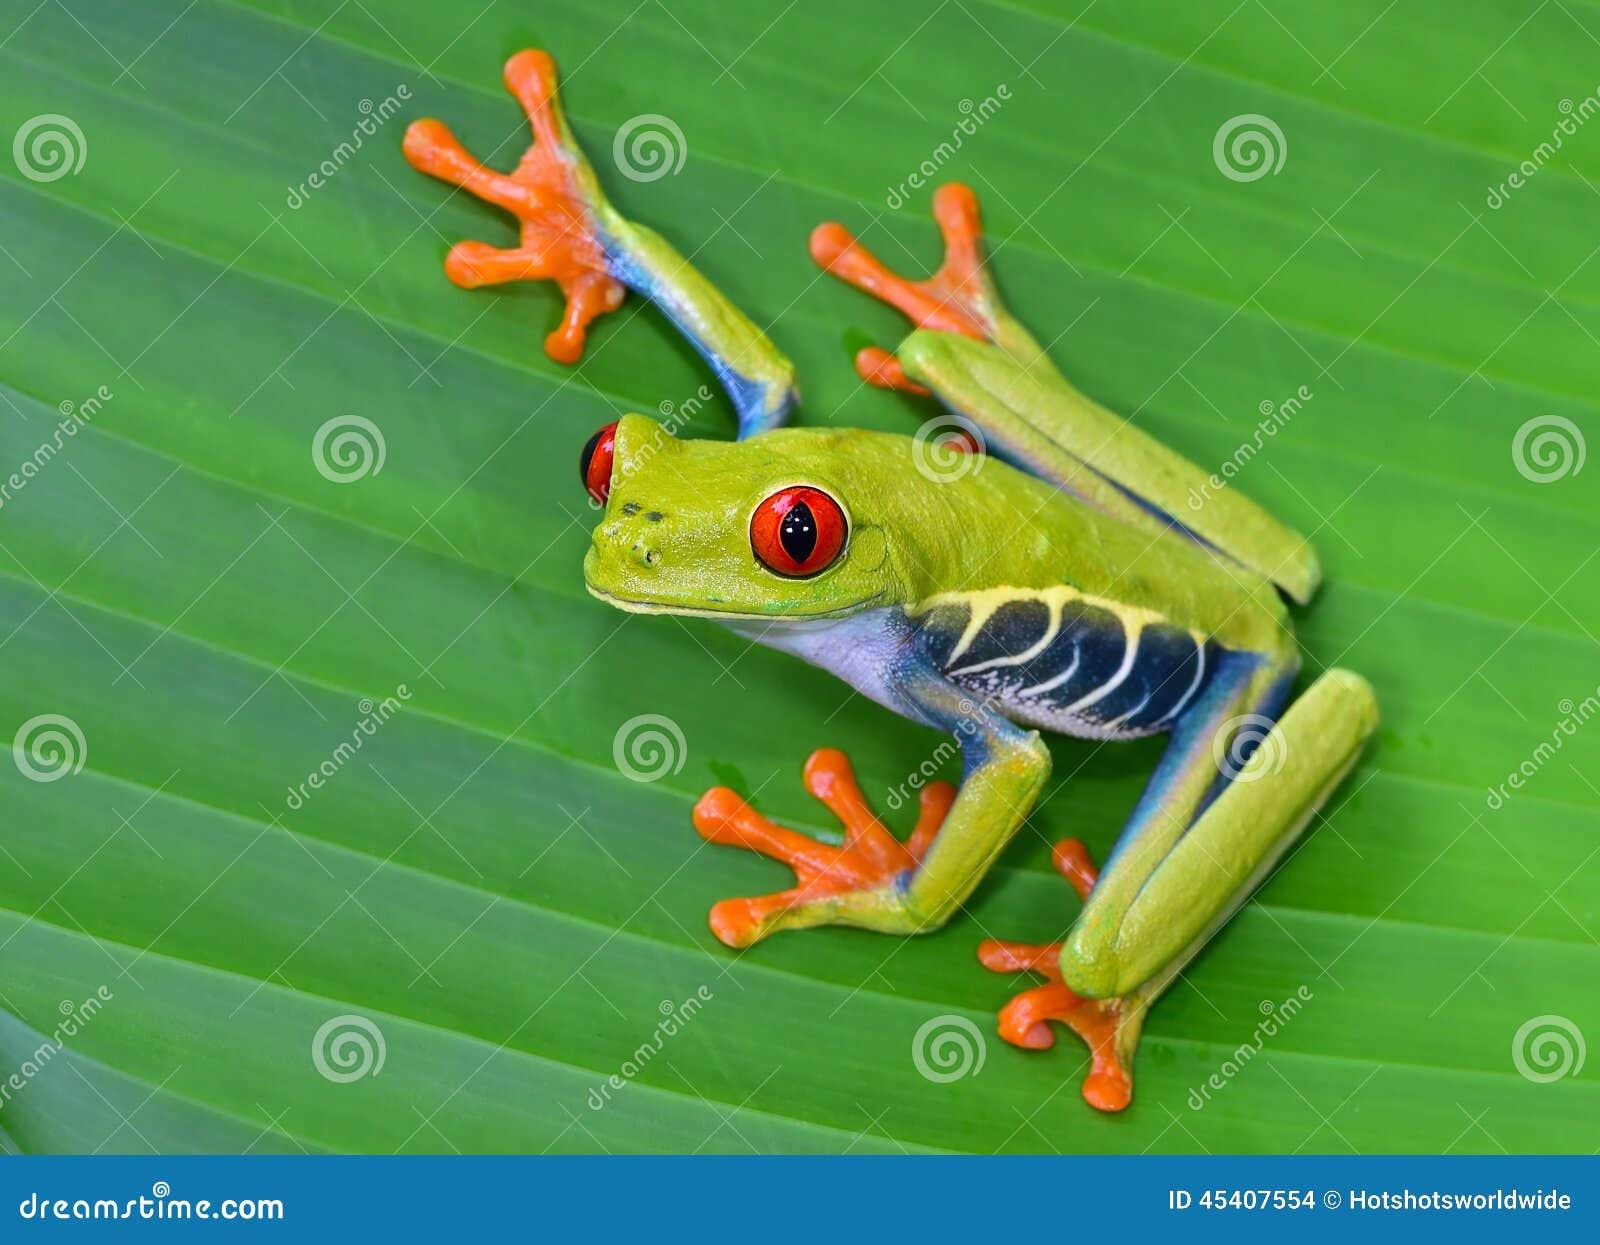 Röd ögonträdgroda på det gröna bladet, cahuita, Costa Rica